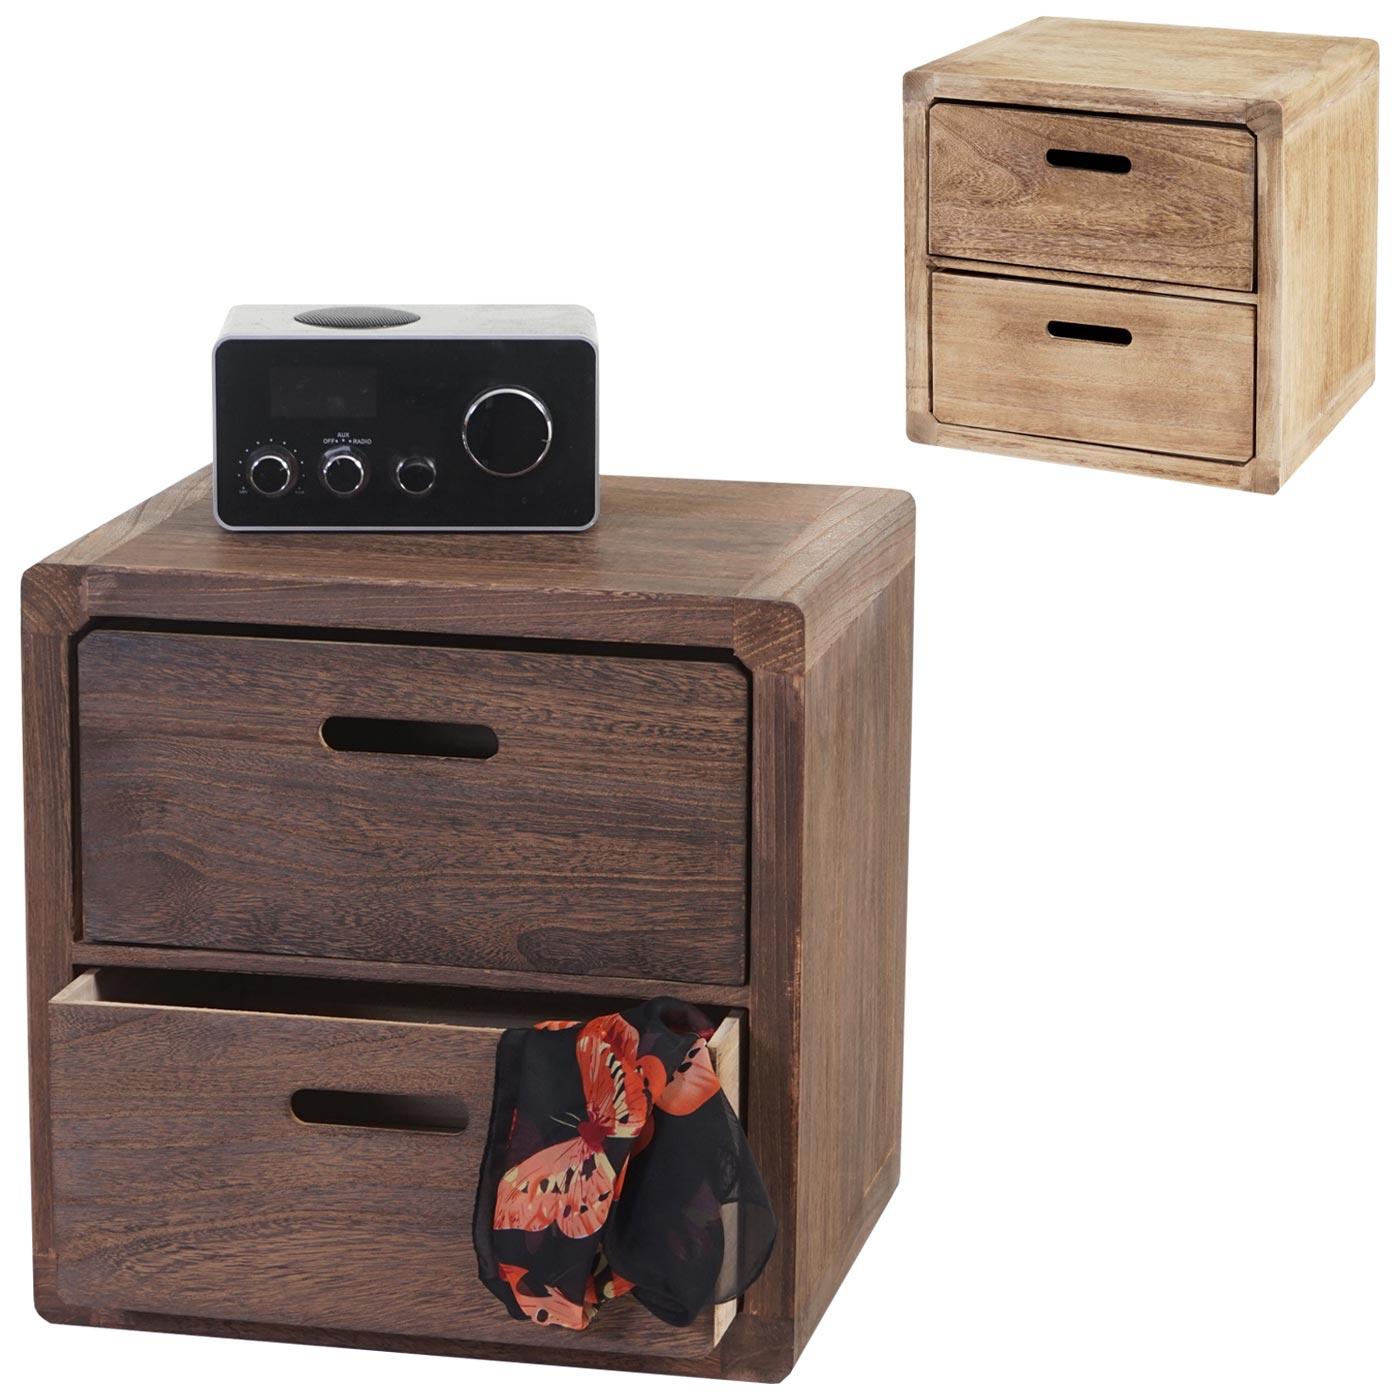 vintage nachttisch excellent vintage einrichten u verspielte als akzent gestaltung ideen muster. Black Bedroom Furniture Sets. Home Design Ideas